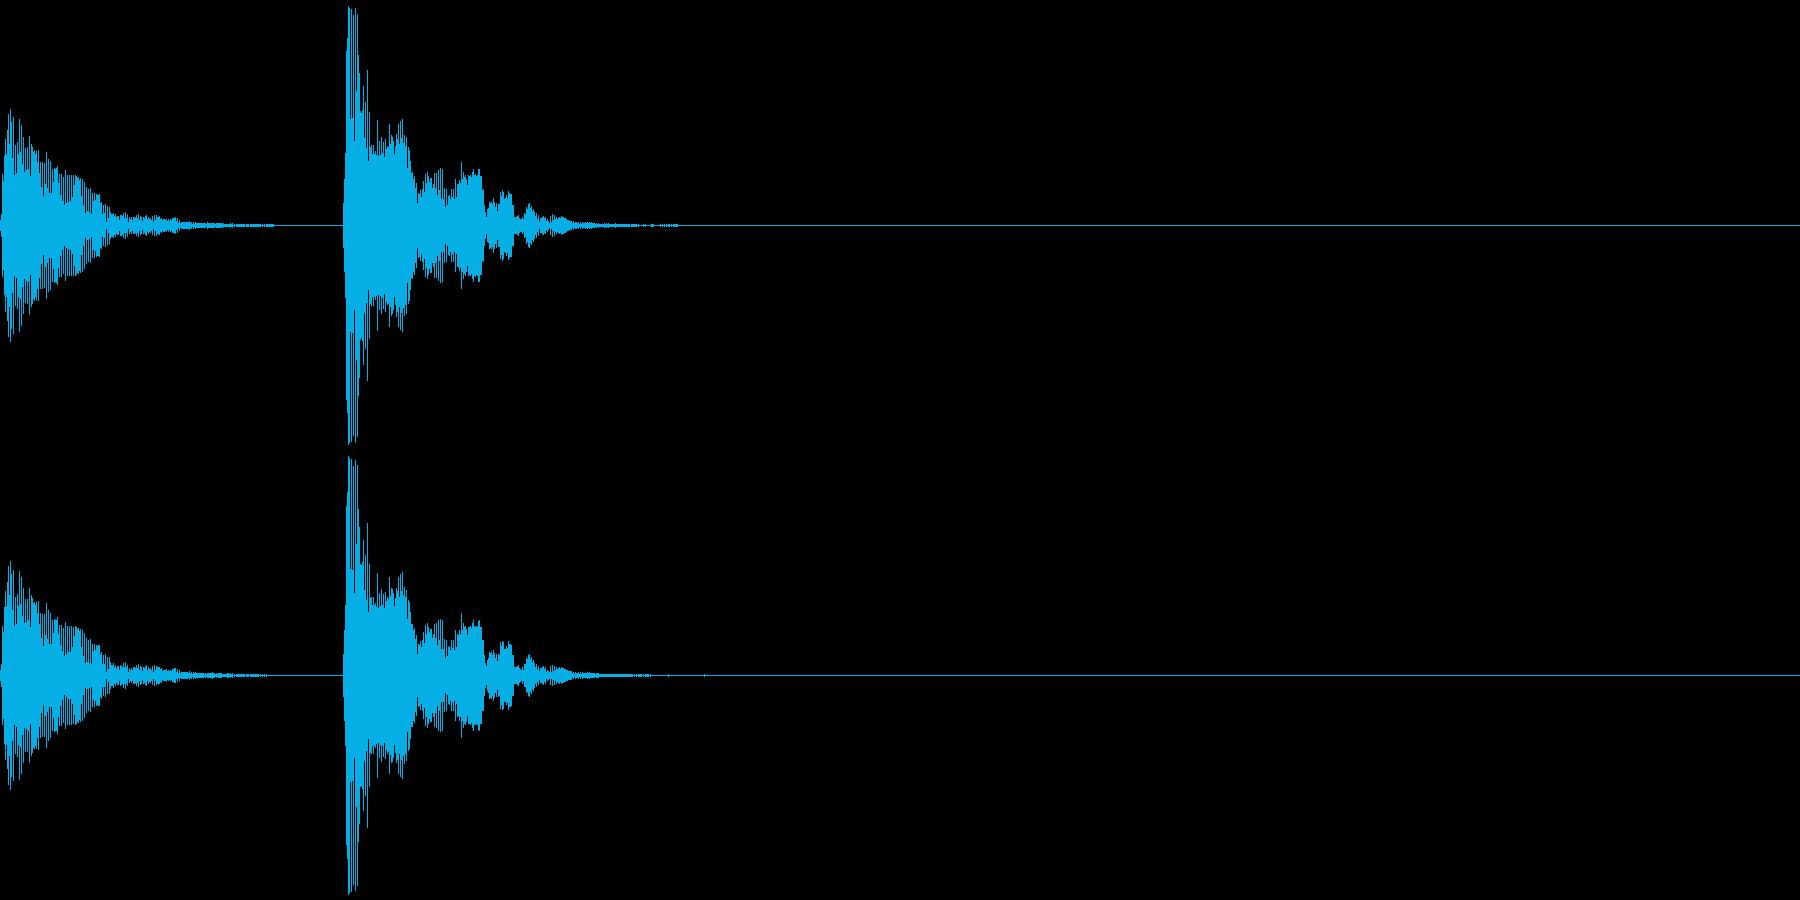 和楽器・鼓(つづみ)のポン_ポン1の再生済みの波形